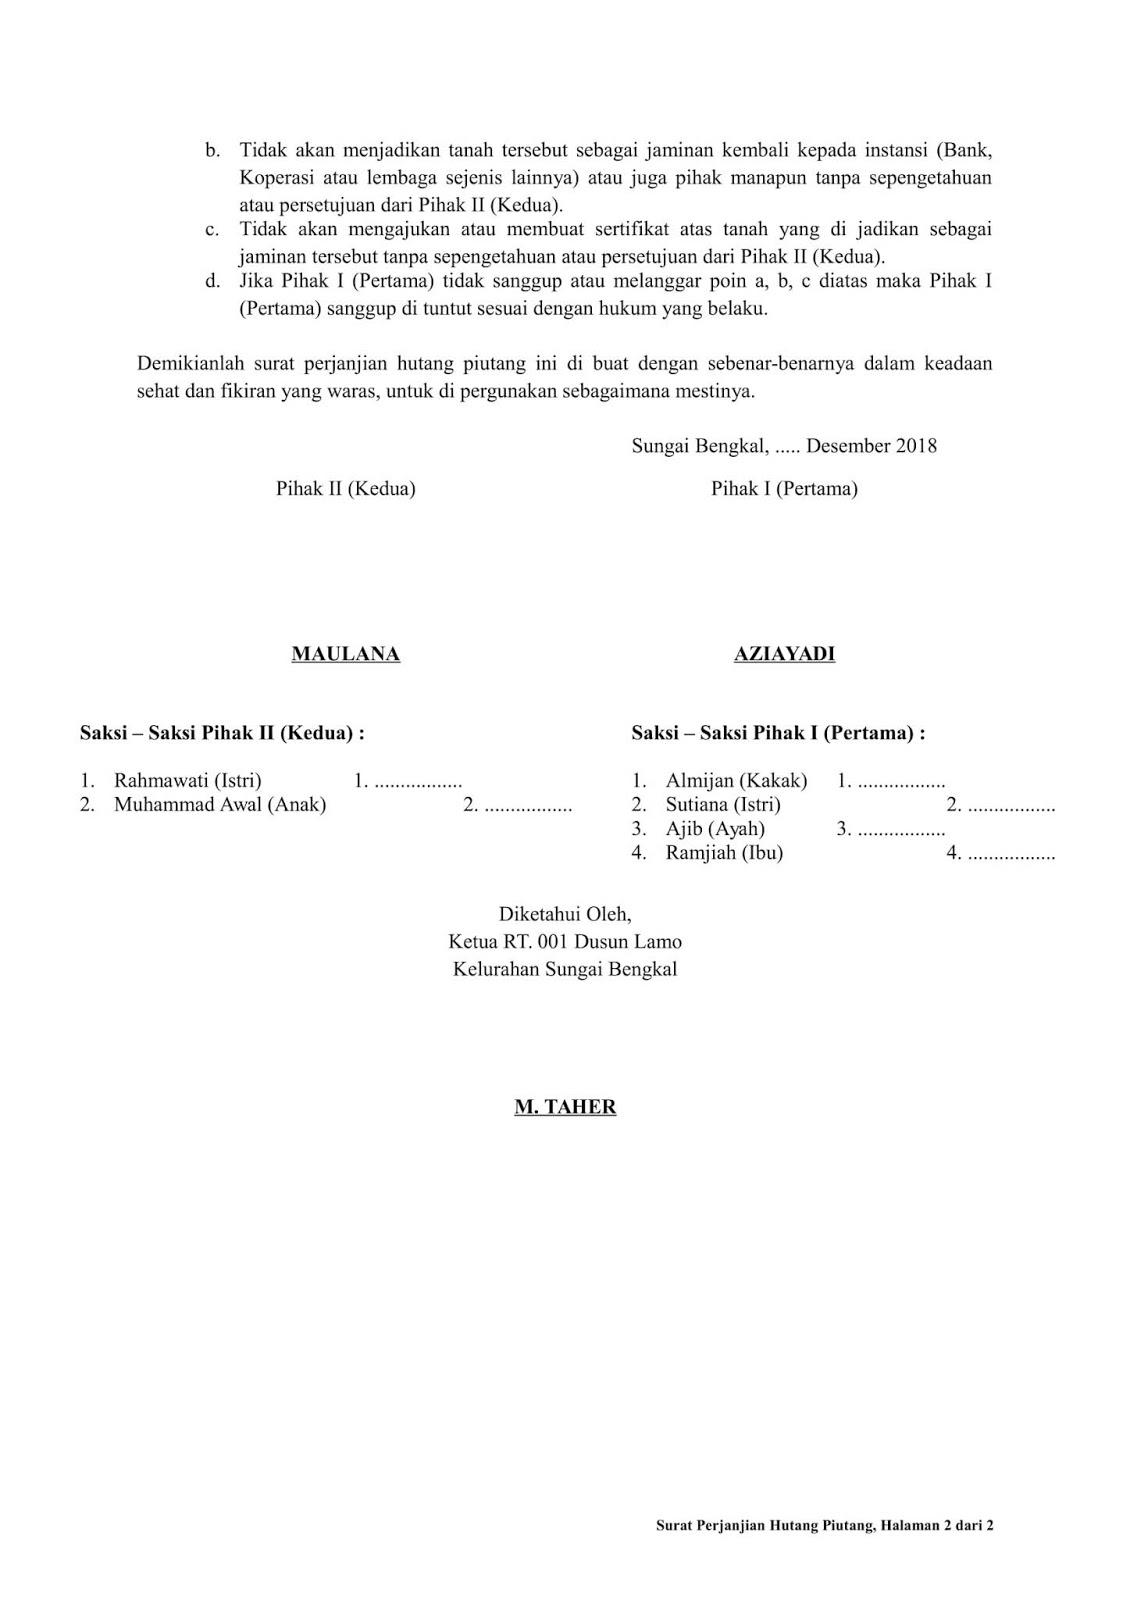 Contoh Surat Perjanjian Hutang Piutang Dengan Jaminan Tanah Contoh Seputar Surat